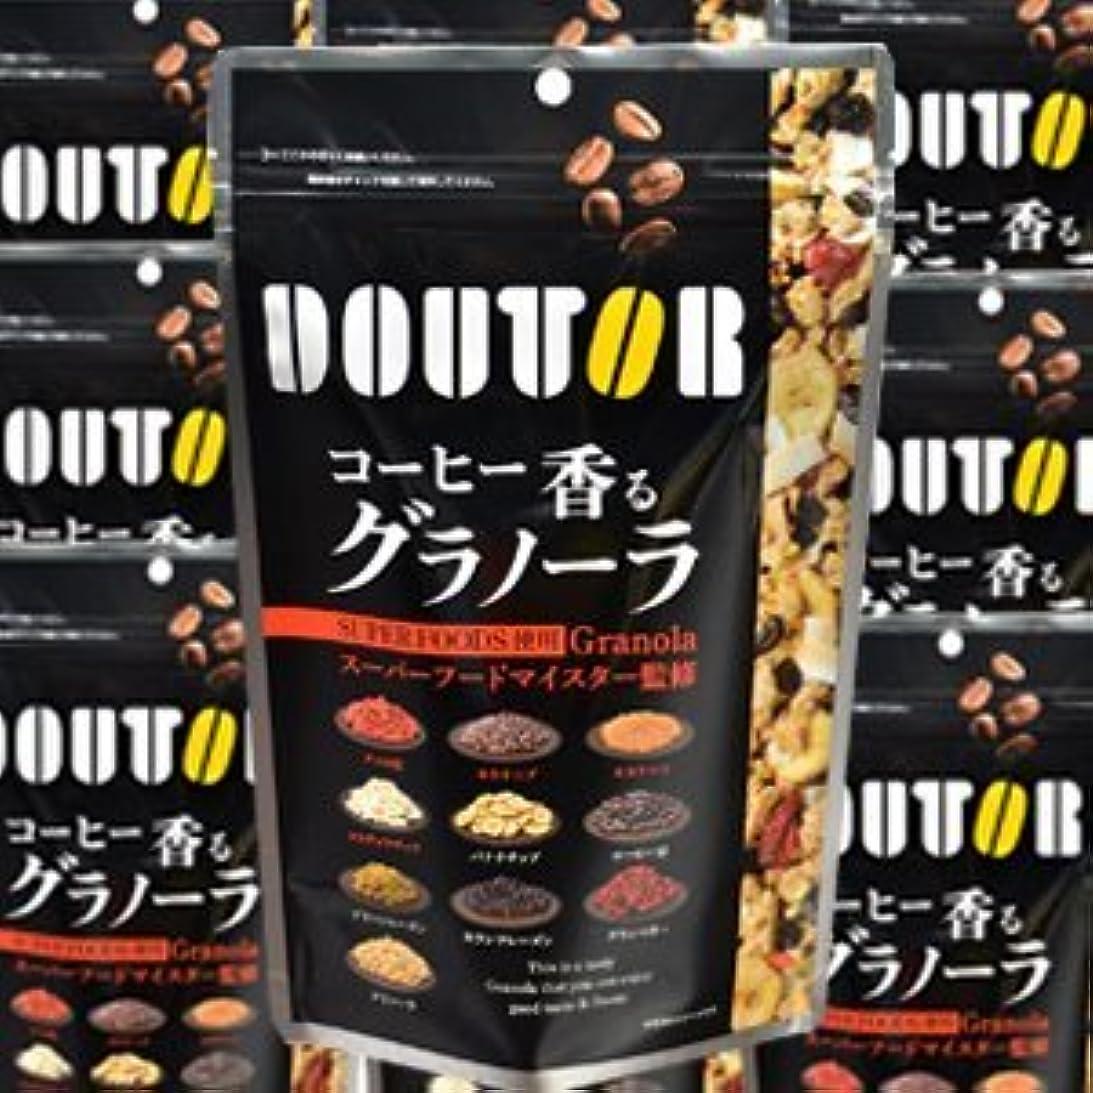 タイル千寄生虫【3個】 ドトール コーヒー香るグラノーラ 210gx3 (4946763053654-3)